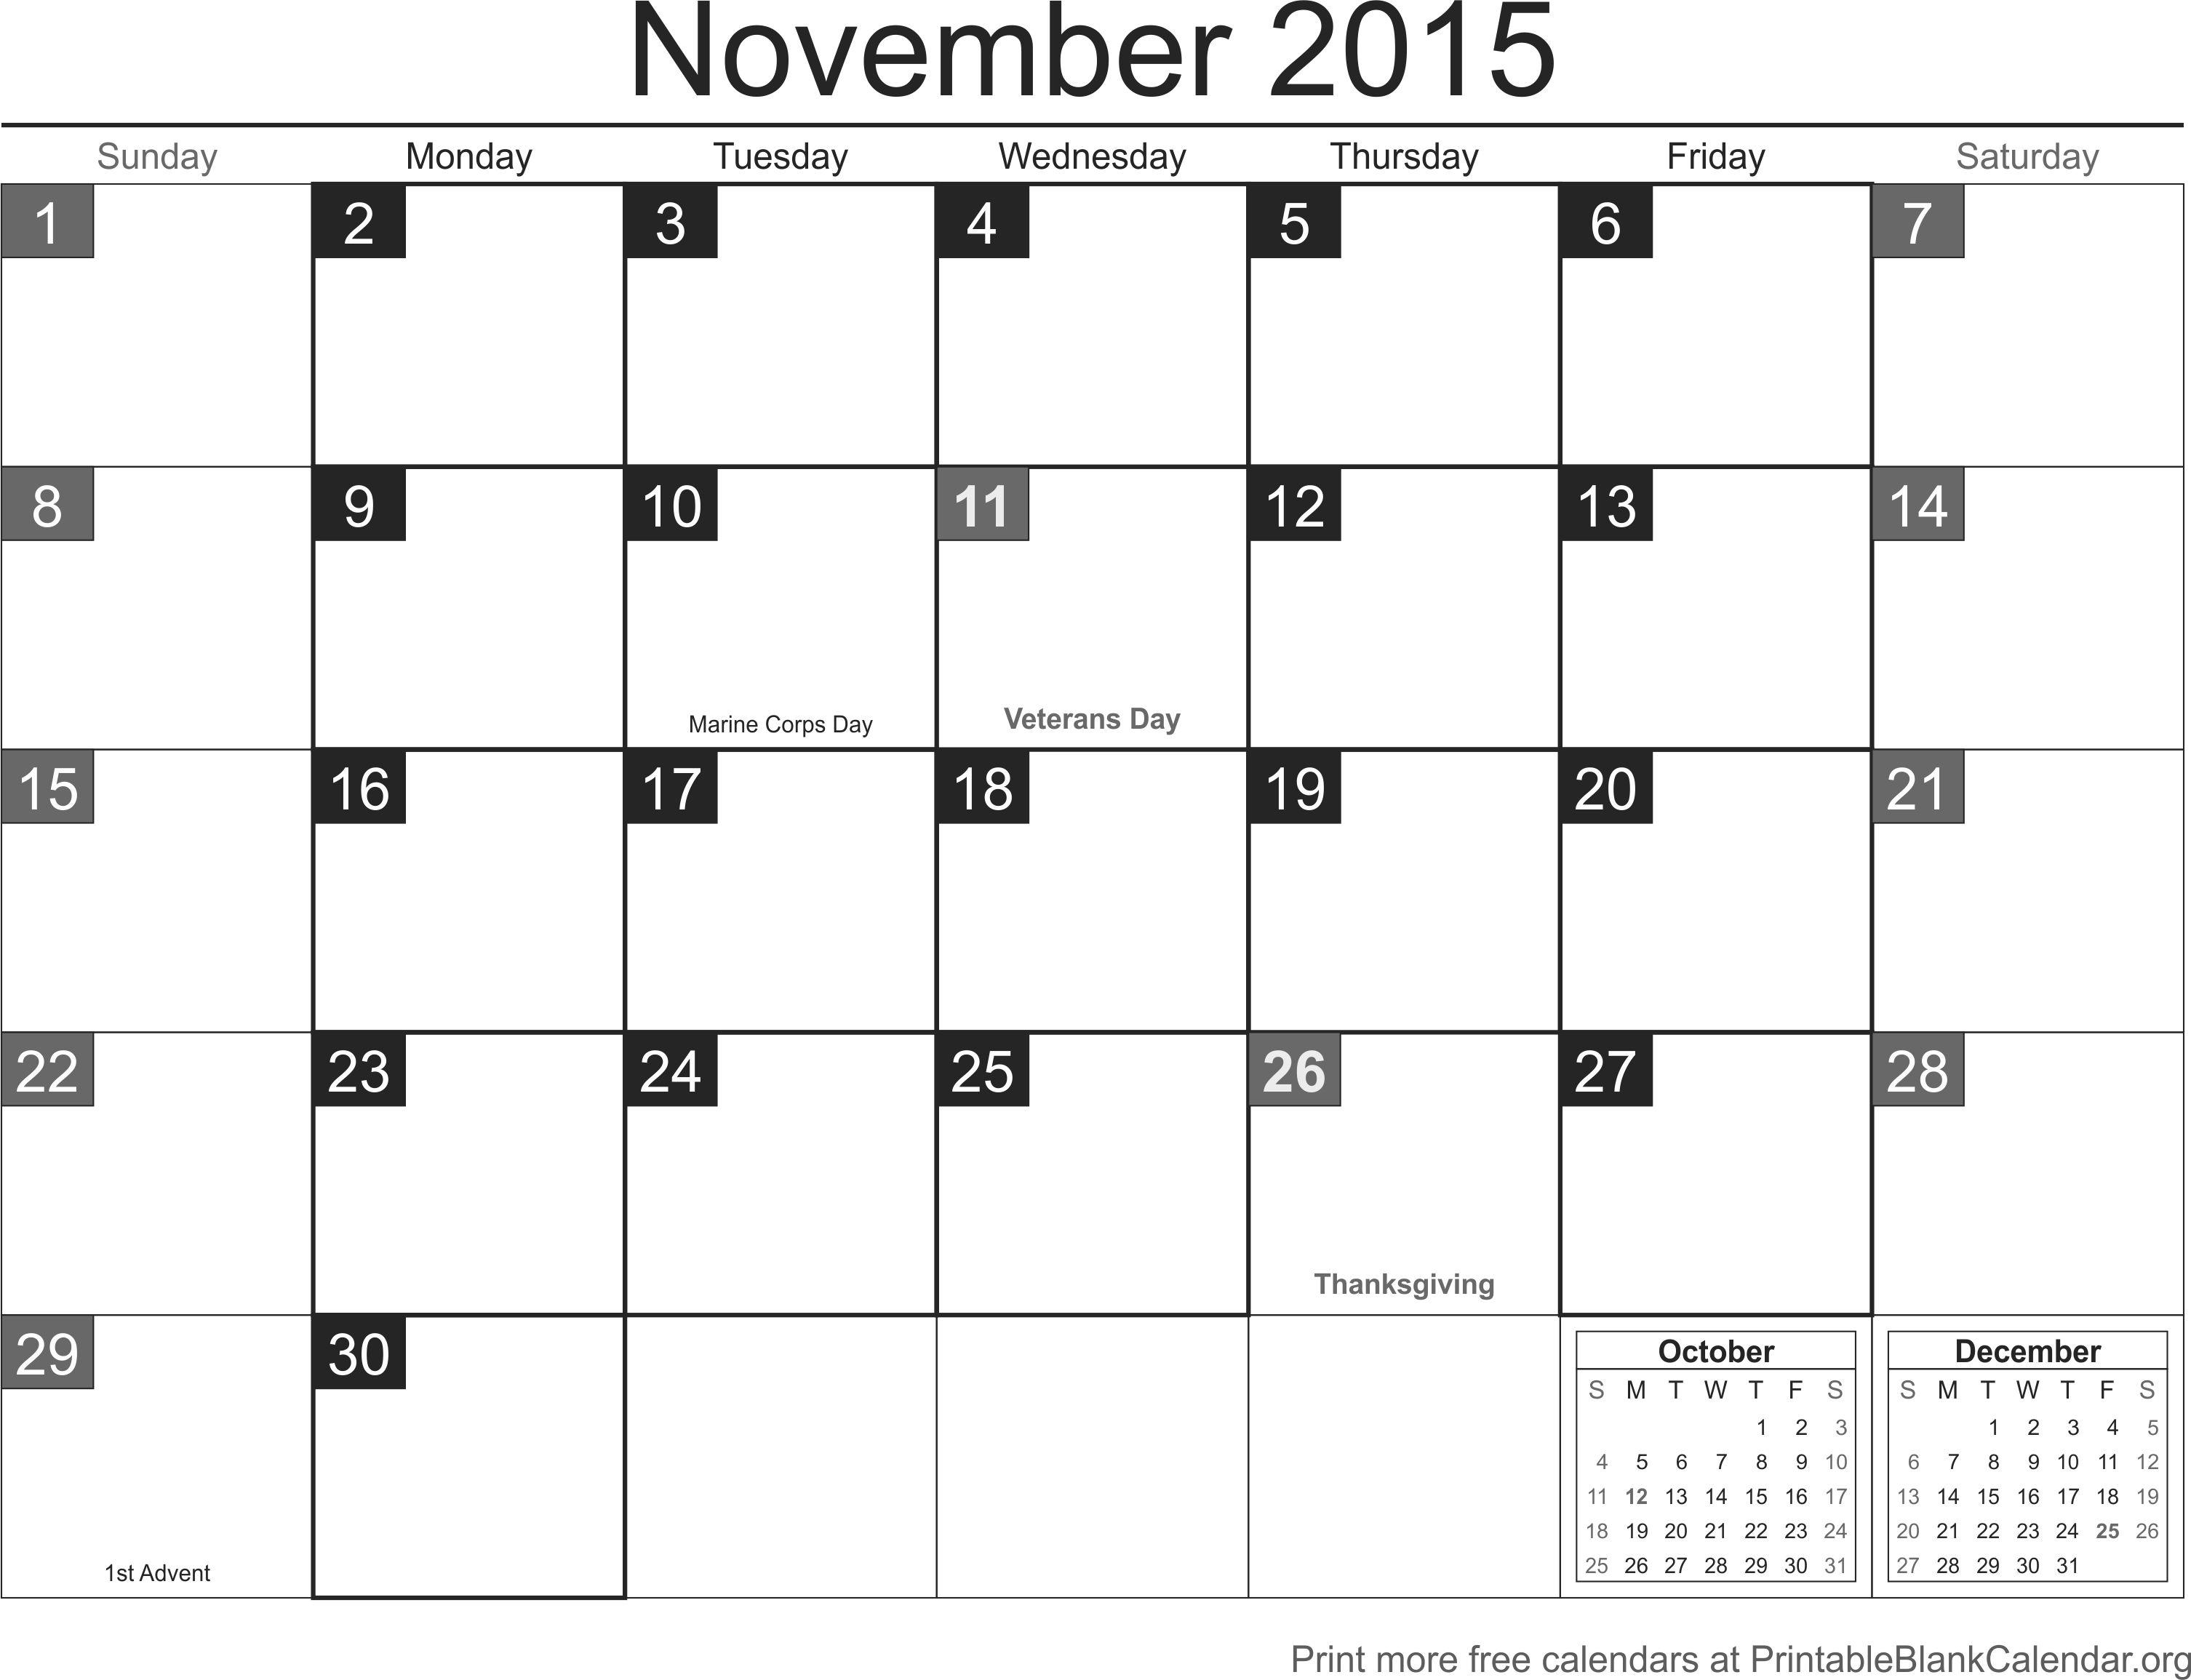 Free Printable Weekly Calendar November : November free printable calendar blank